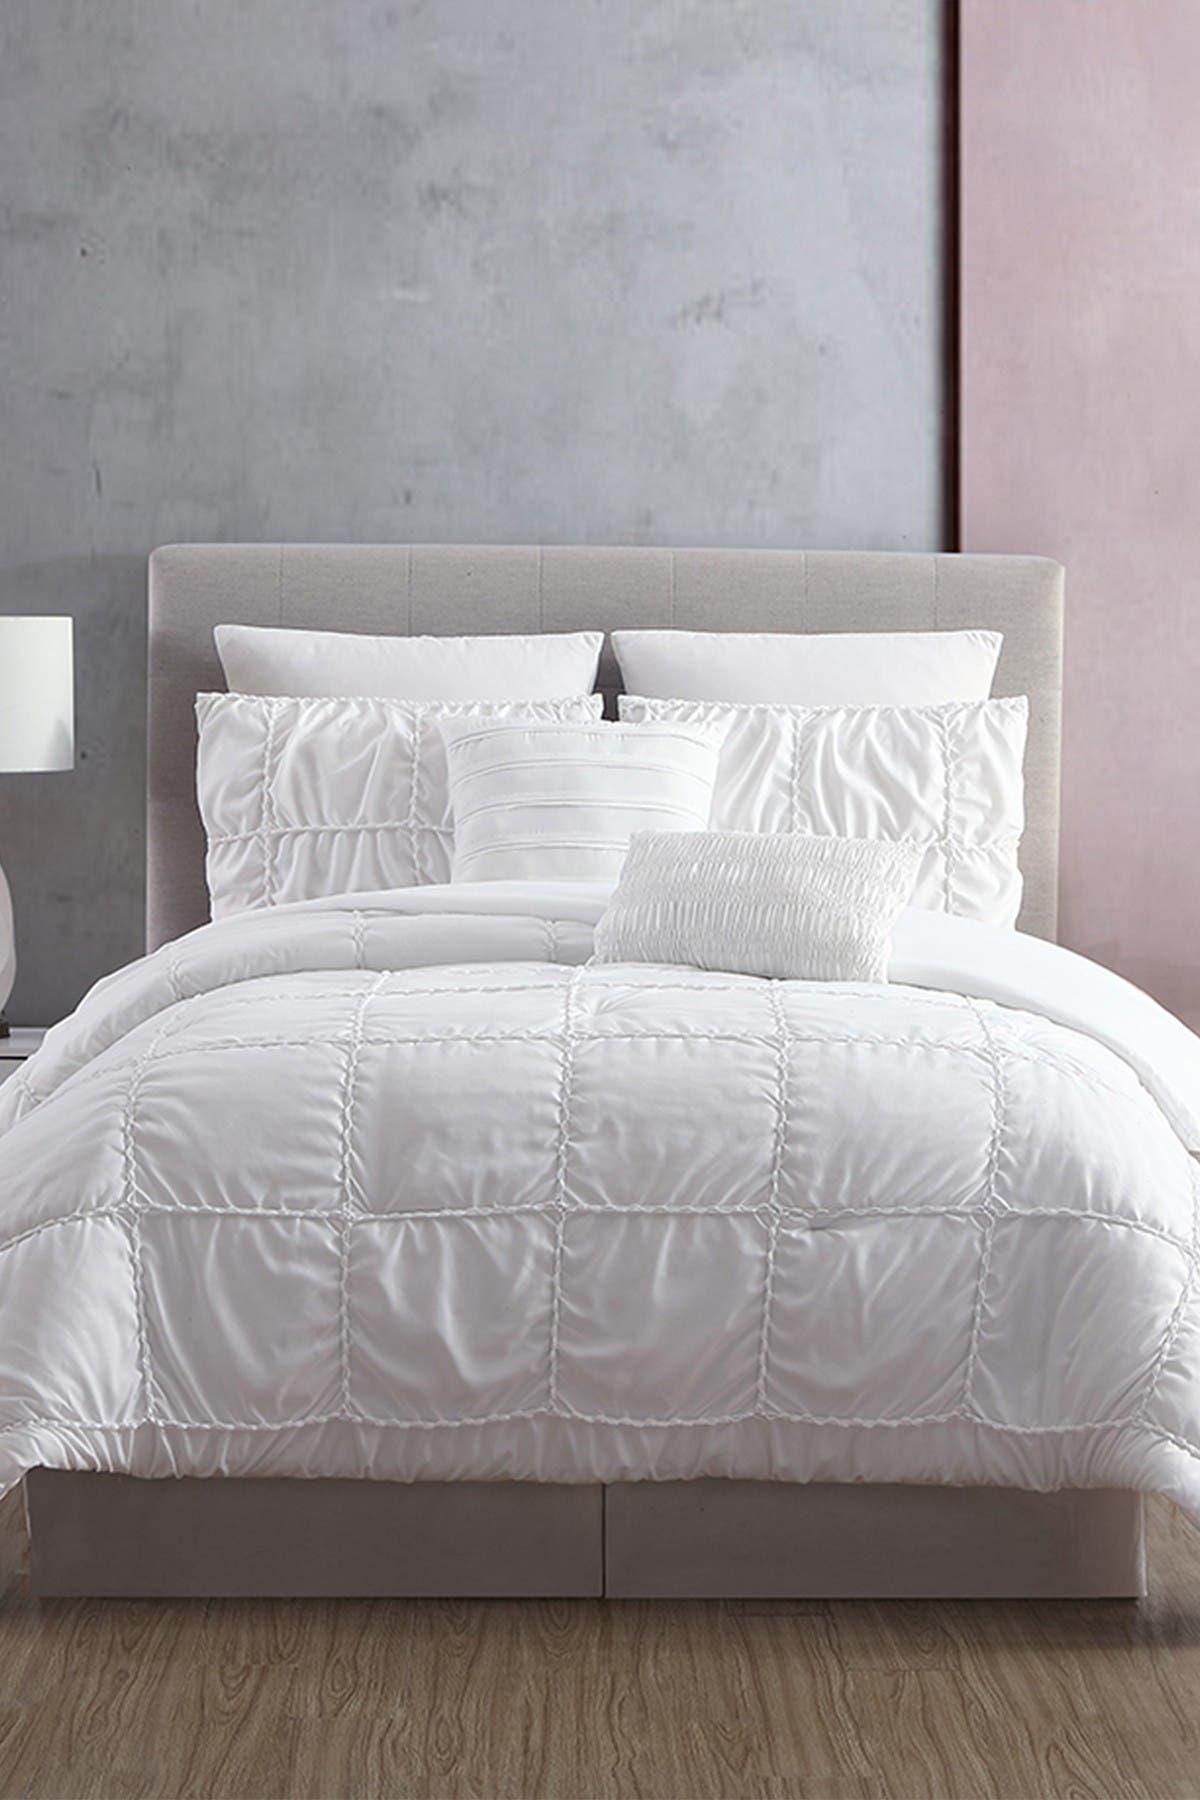 Image of Modern Threads 7-Piece Embellished Comforter Set - King